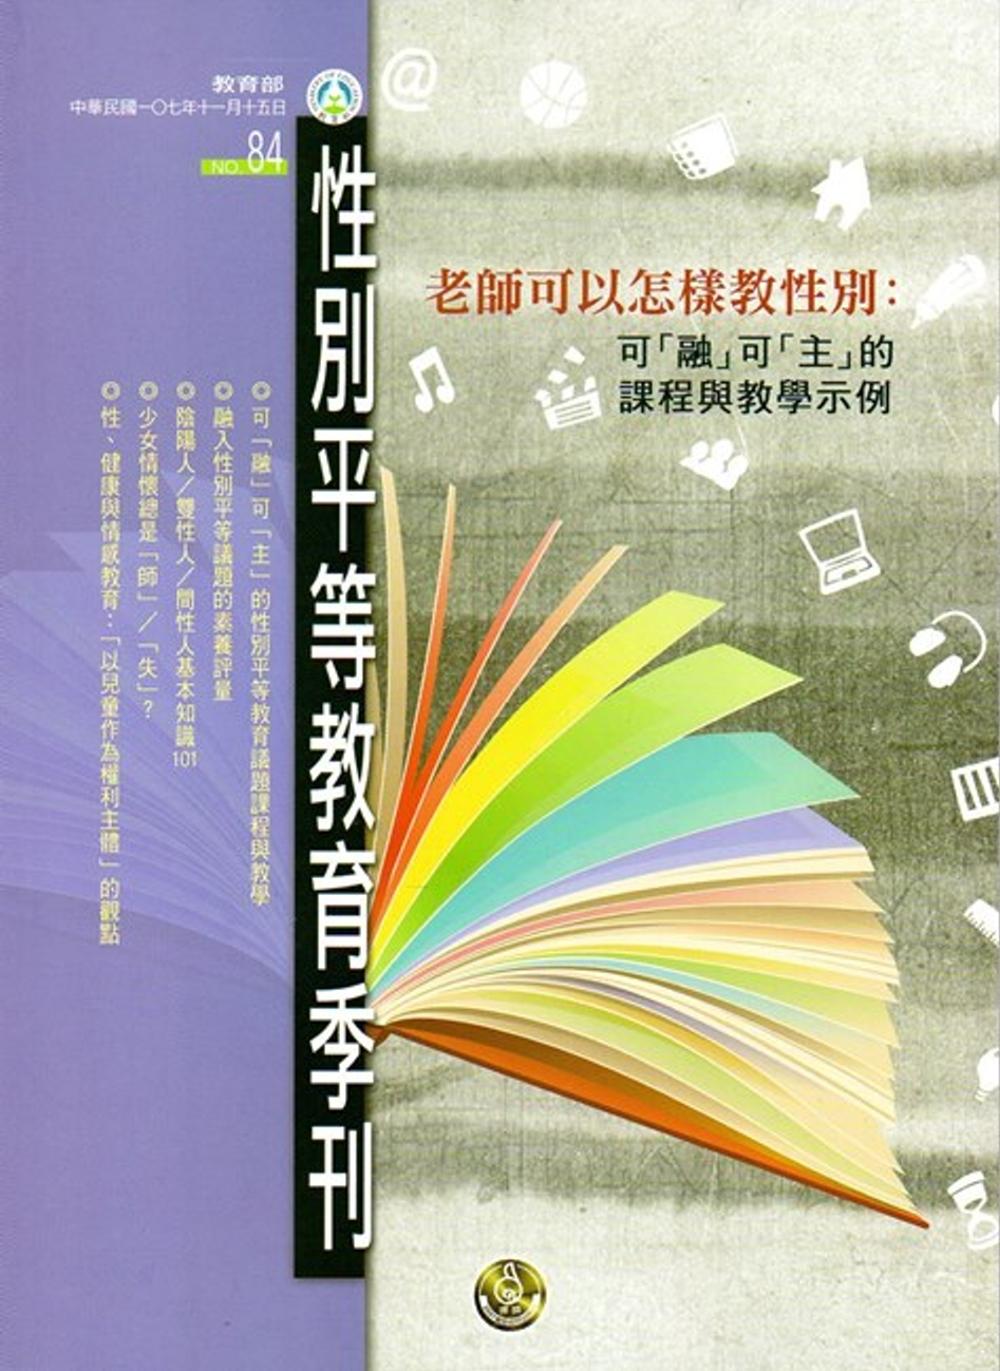 性別平等教育季刊84(2018.09)